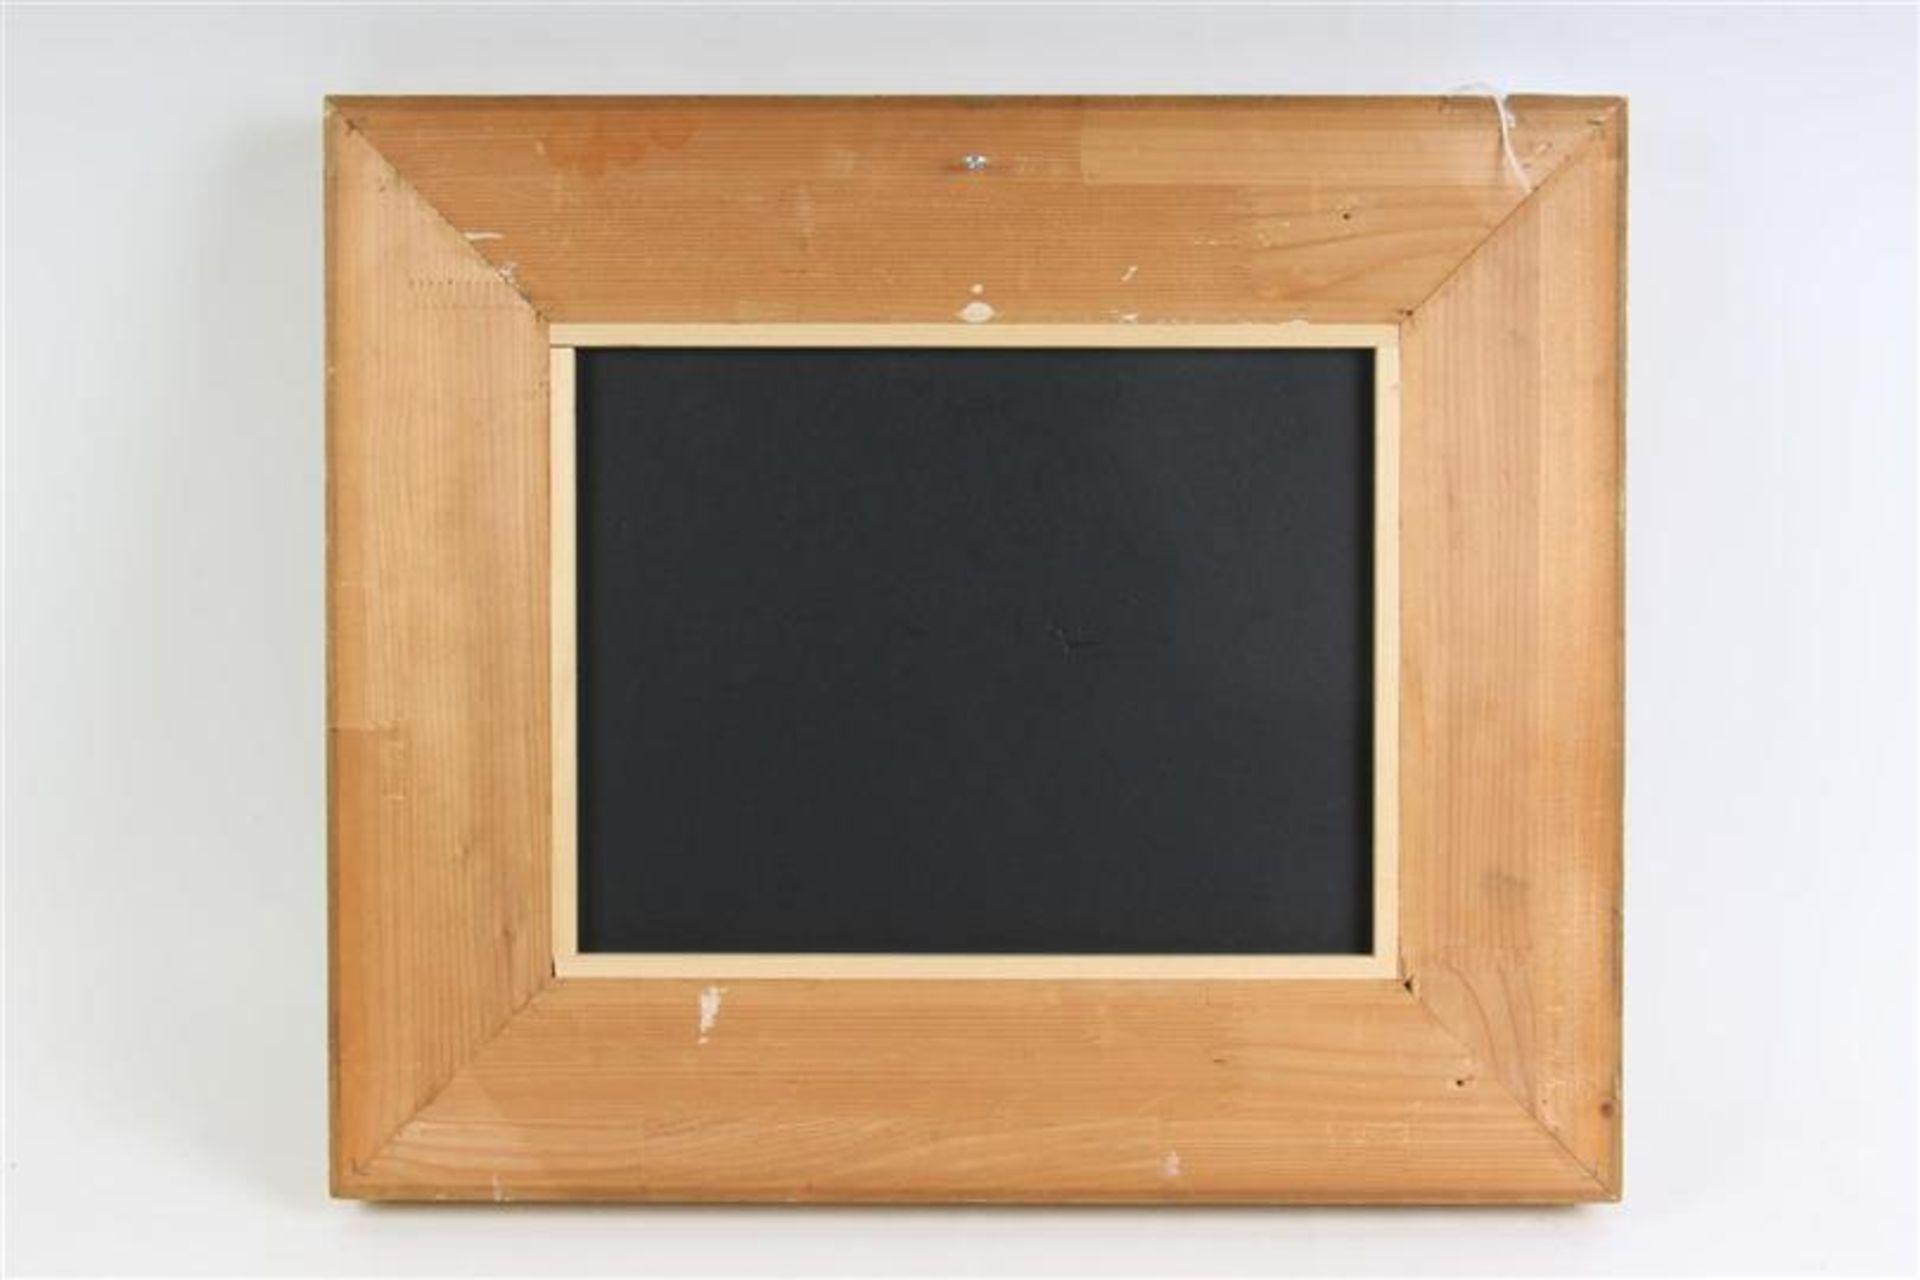 Schilderij, olieverf op board, 'Vennetje'. J. Sax (1899-1977) HxB: 25.5 x 33.5 cm. - Bild 4 aus 4